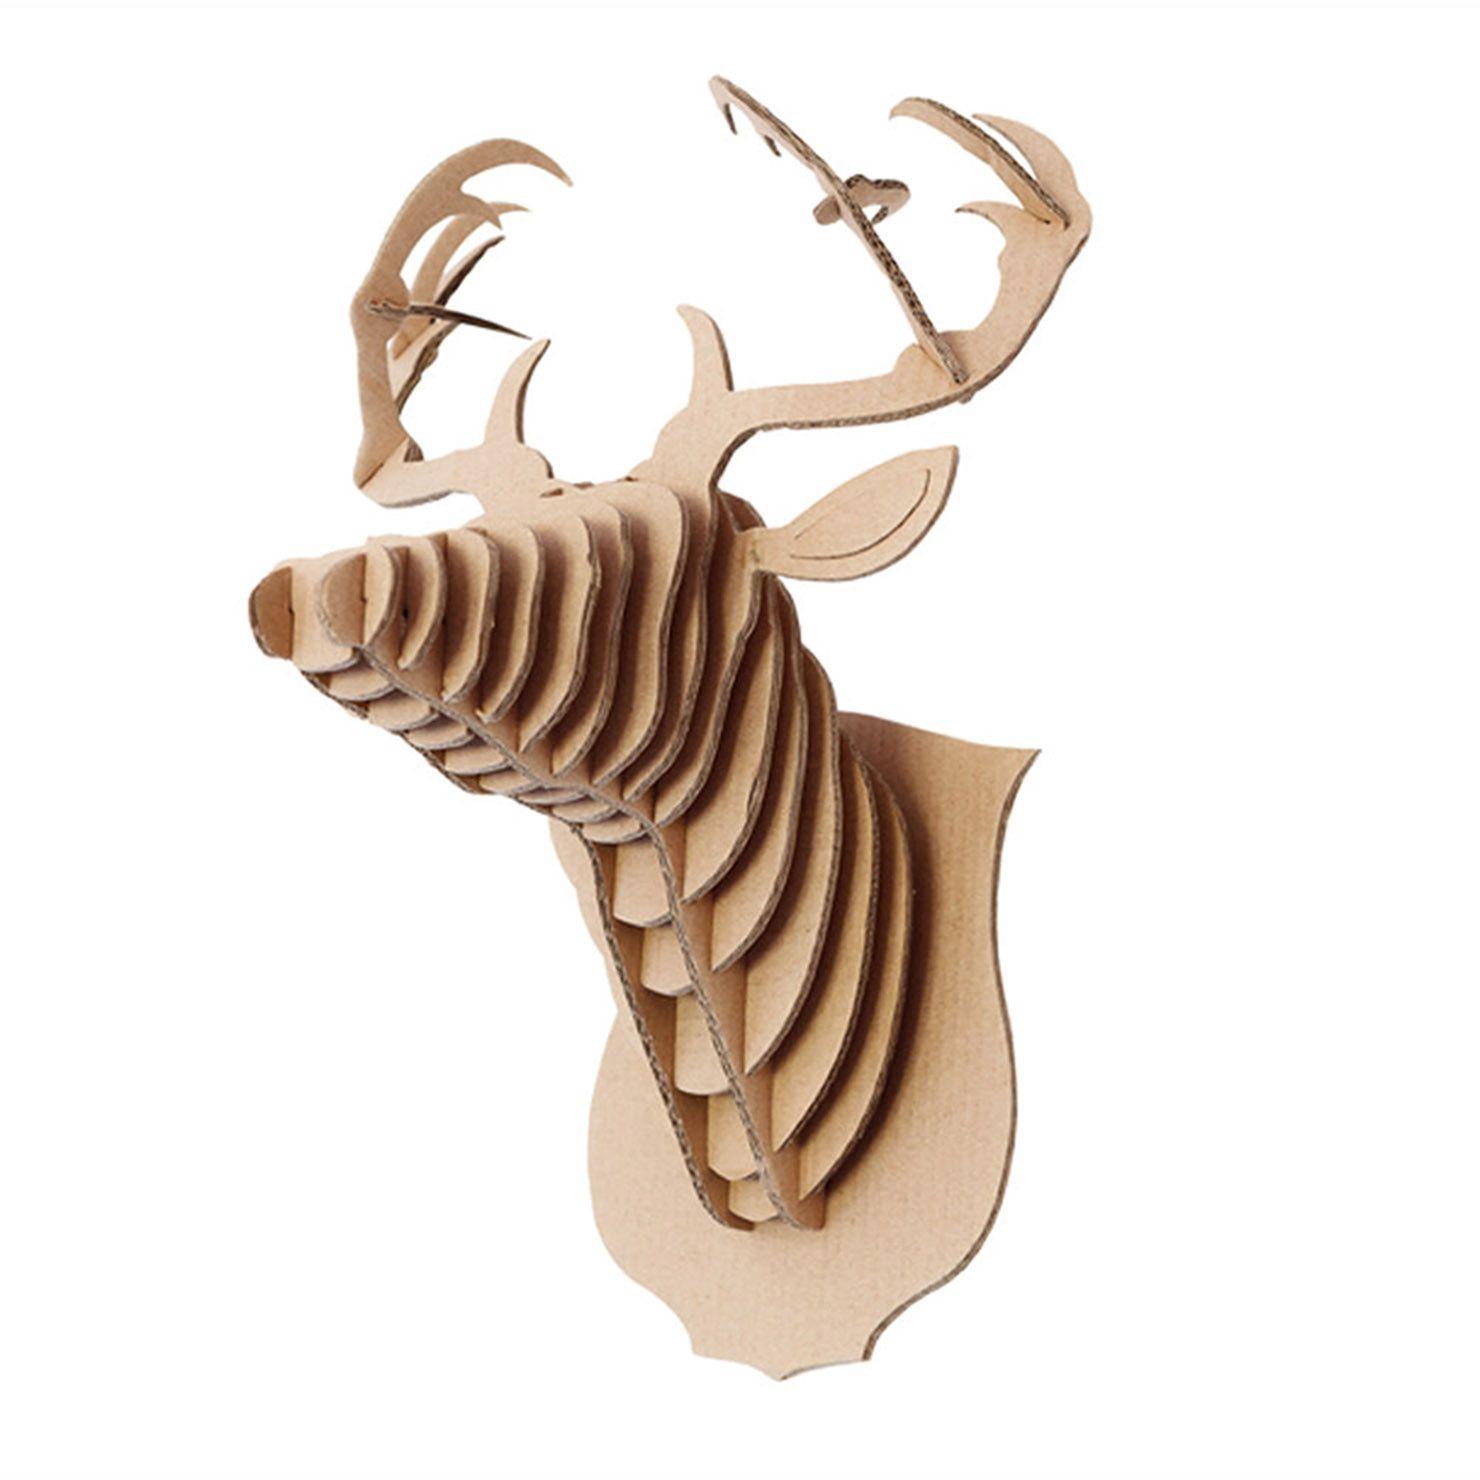 Pour moi dans l'entrée  Helio Ferretti - Tête de cerf décorative | ACHICA